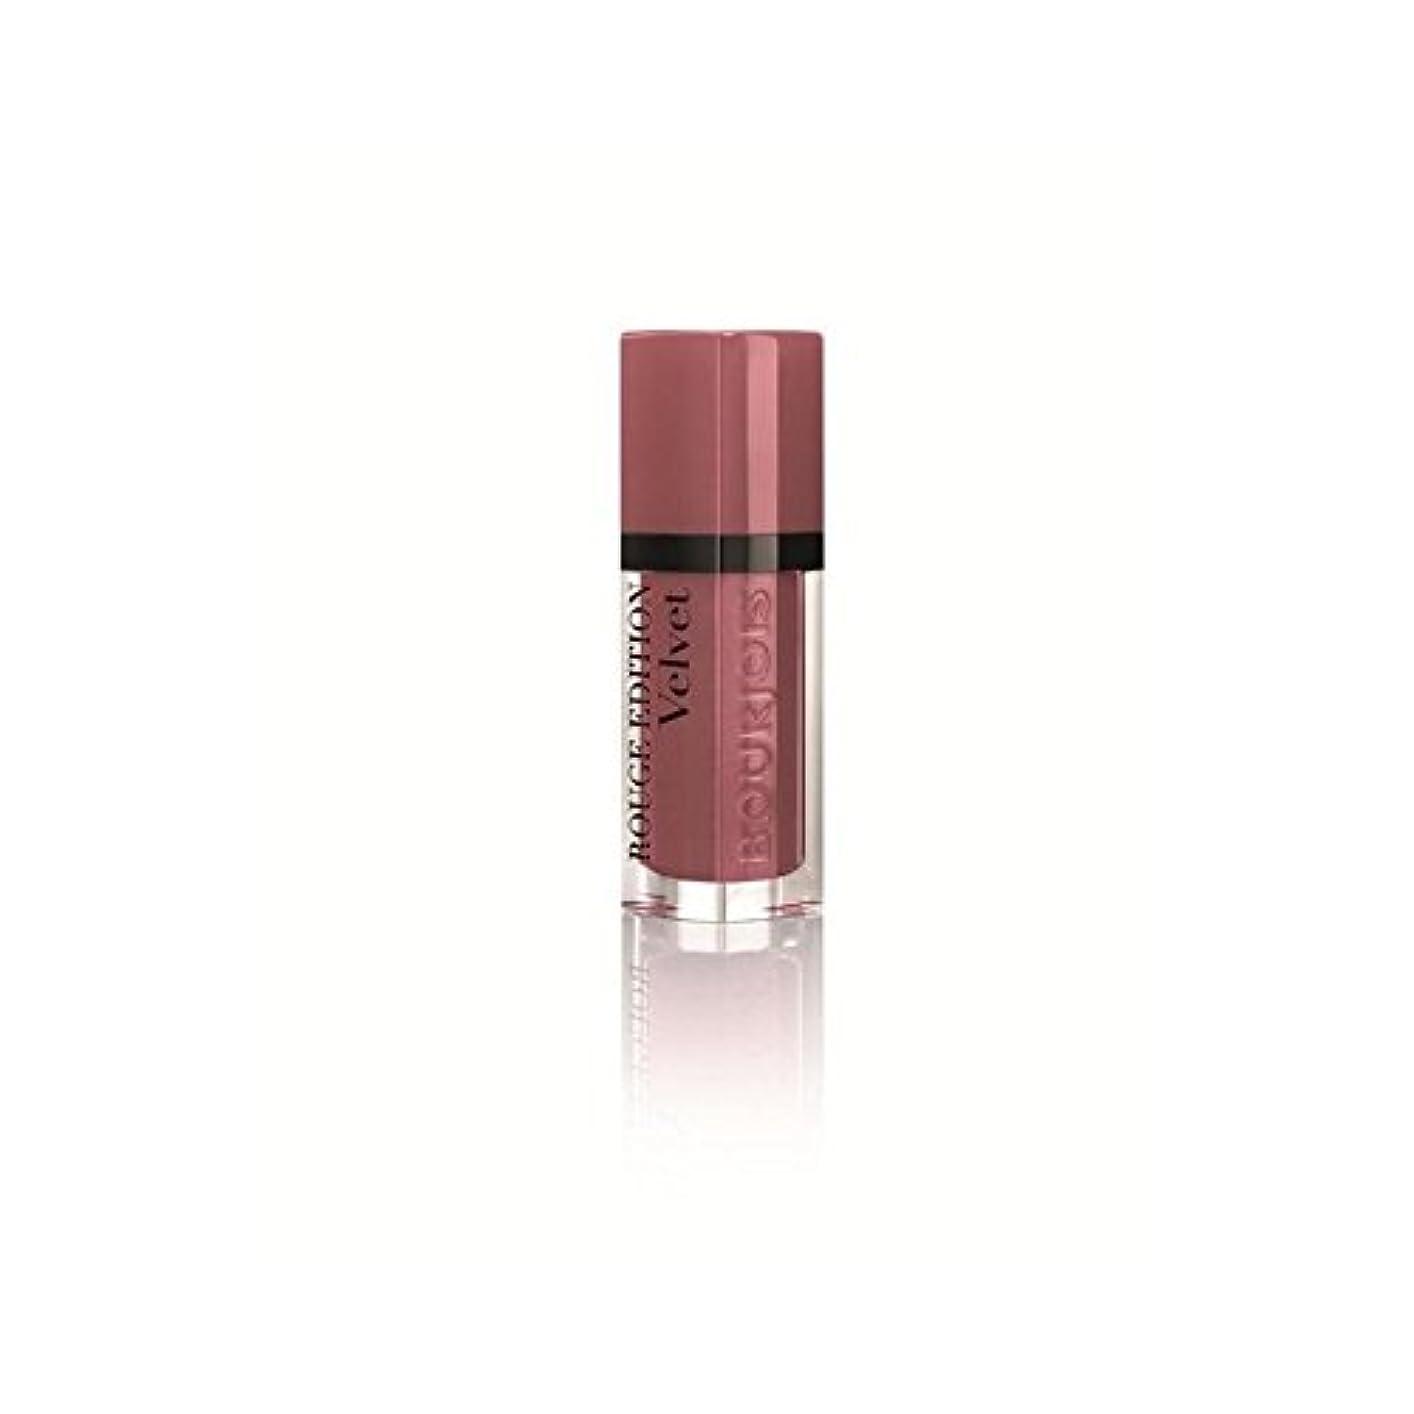 夜間解体する頑張るルージュ口紅、ベルベットヌード-Ist T07の6ミリリットル (Bourjois) - Bourjois Rouge Lipstick, Velvet Nude-ist T07 6ml [並行輸入品]